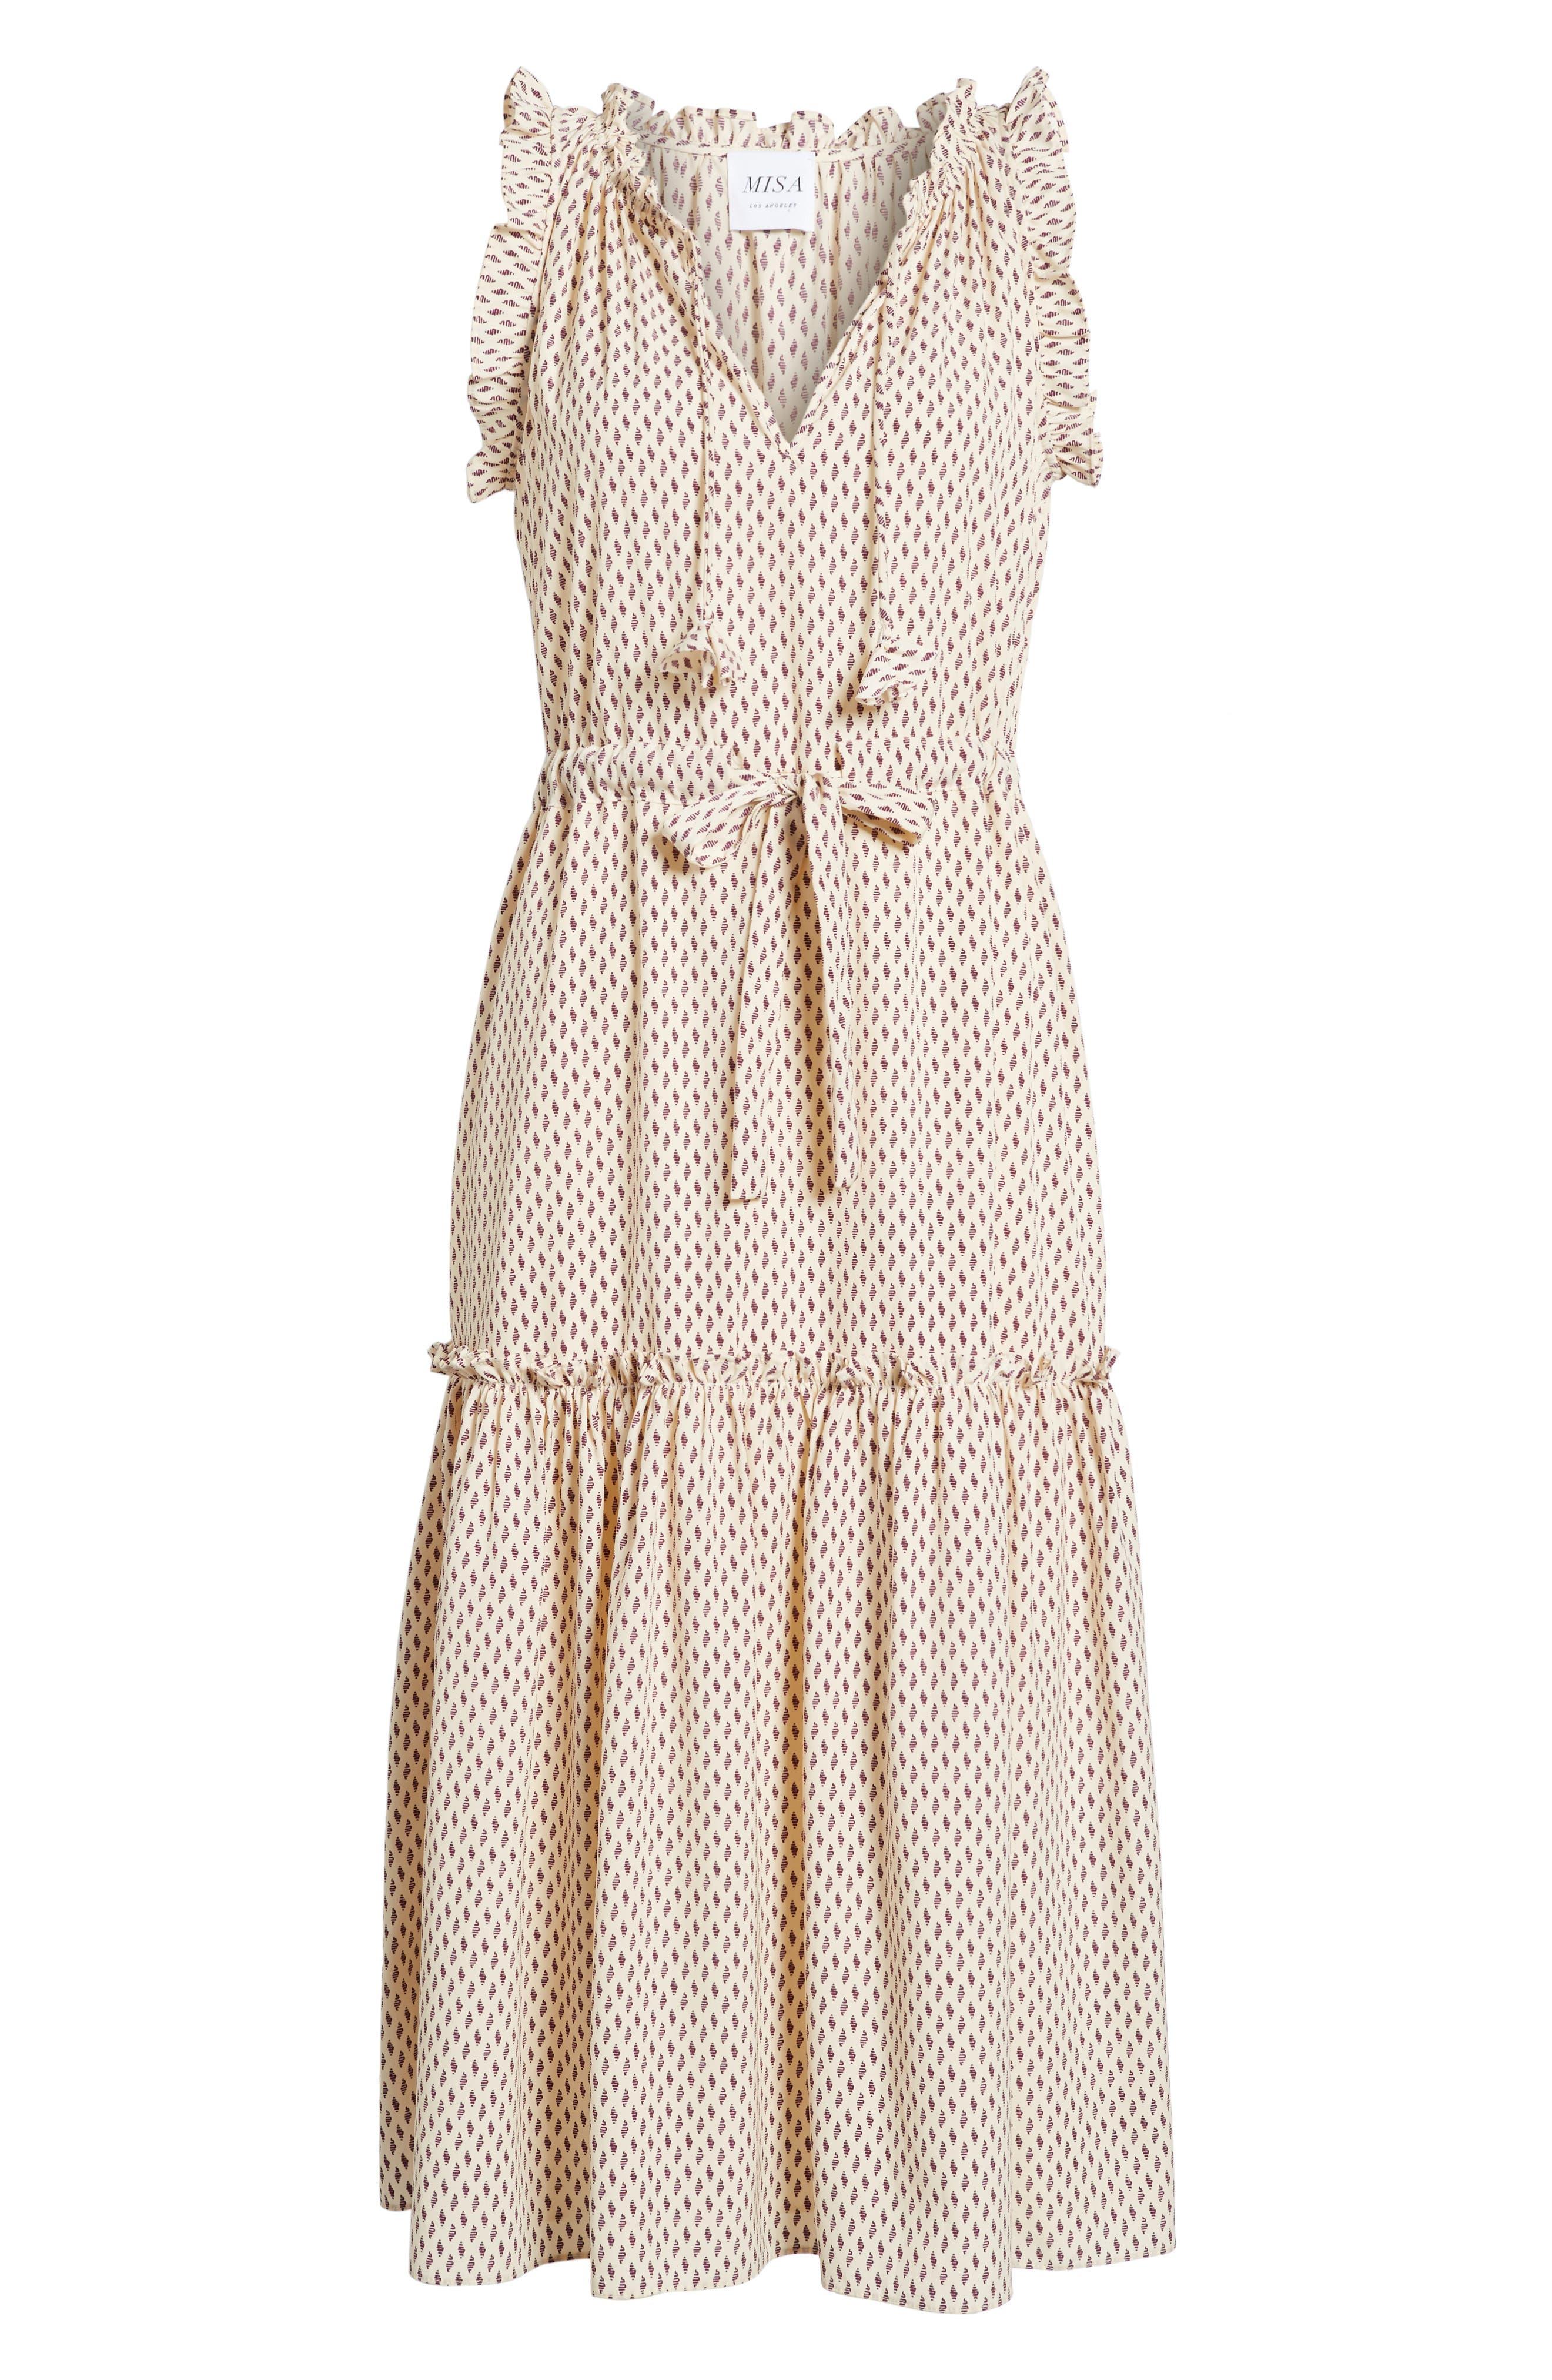 Martina Midi Dress,                             Alternate thumbnail 6, color,                             901